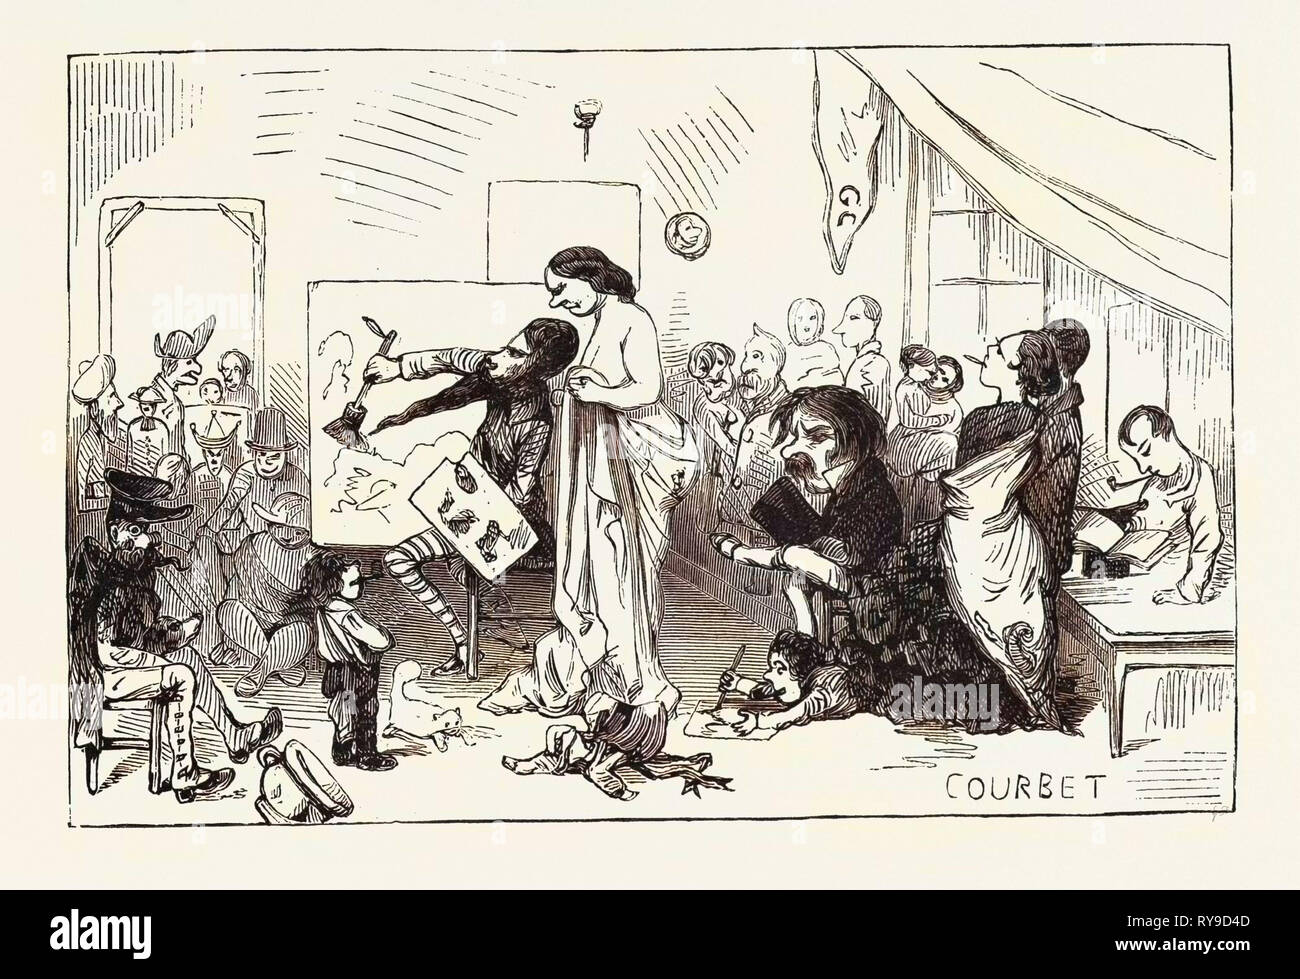 M. Courbet in tutta la gloria della sua propria individualità, allegoria reale, una fase decisiva della sua vita artistica. incisione 1855 Immagini Stock